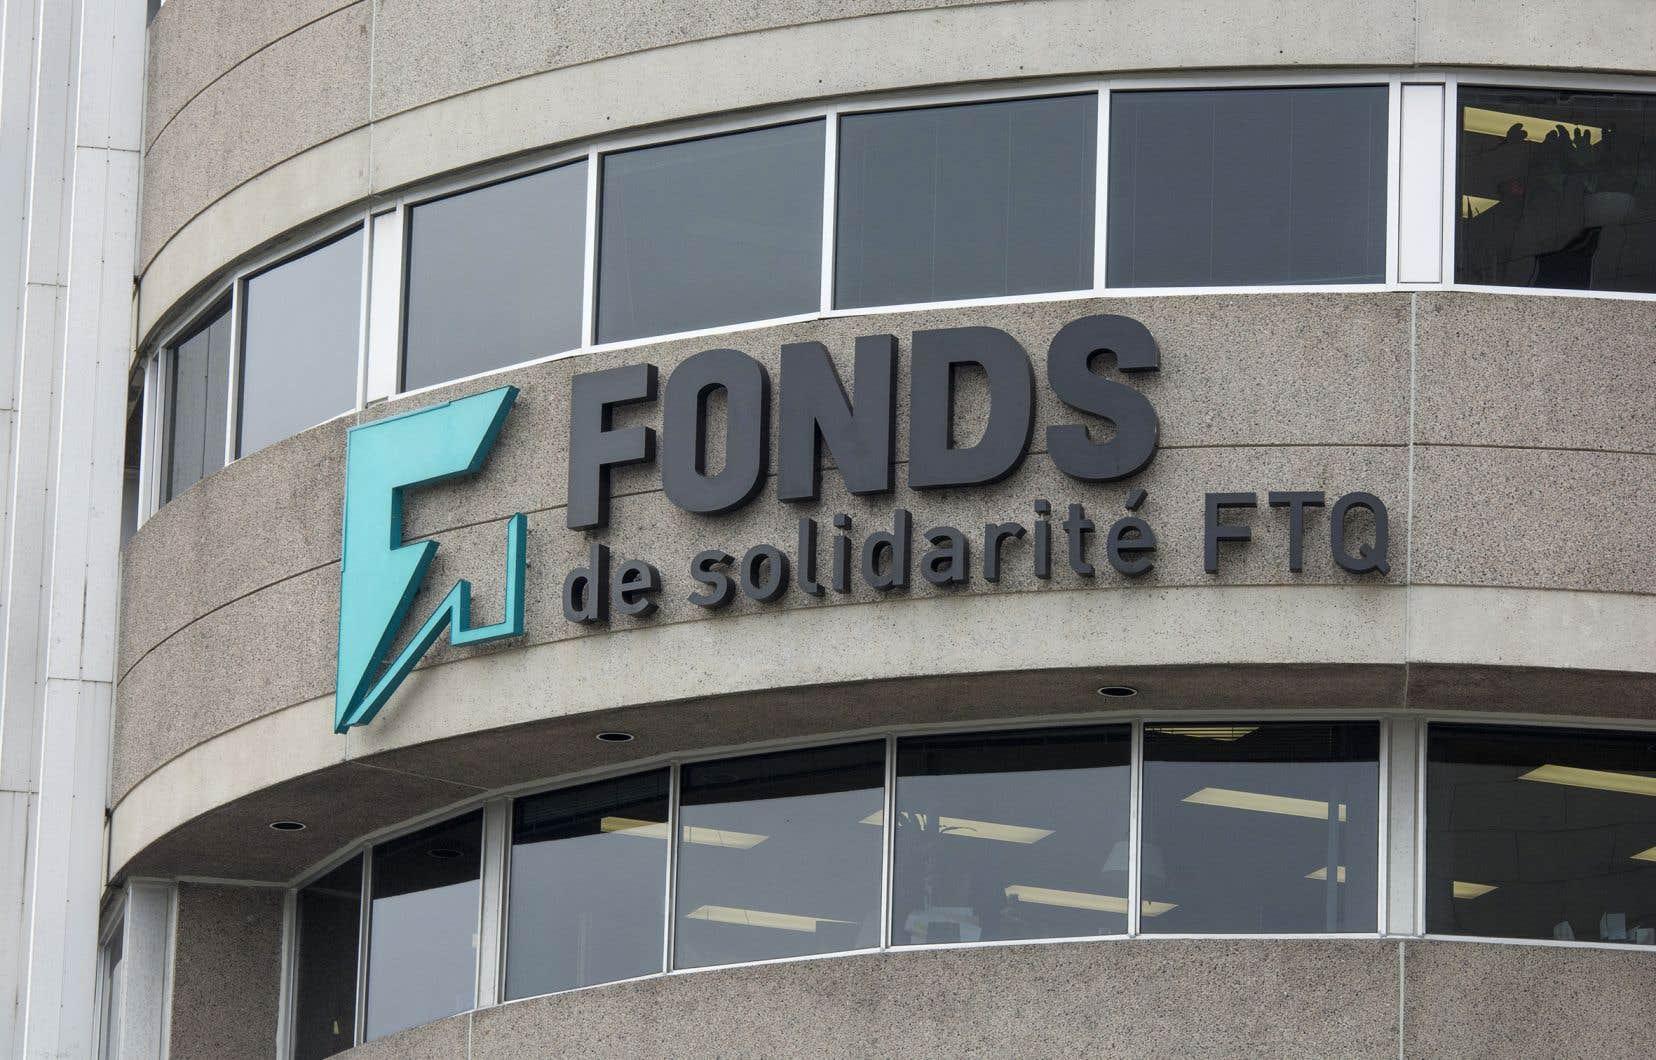 La meilleure performance du Fonds est essentiellement attribuable à ses investissements privés dans des compagnies québécoises.